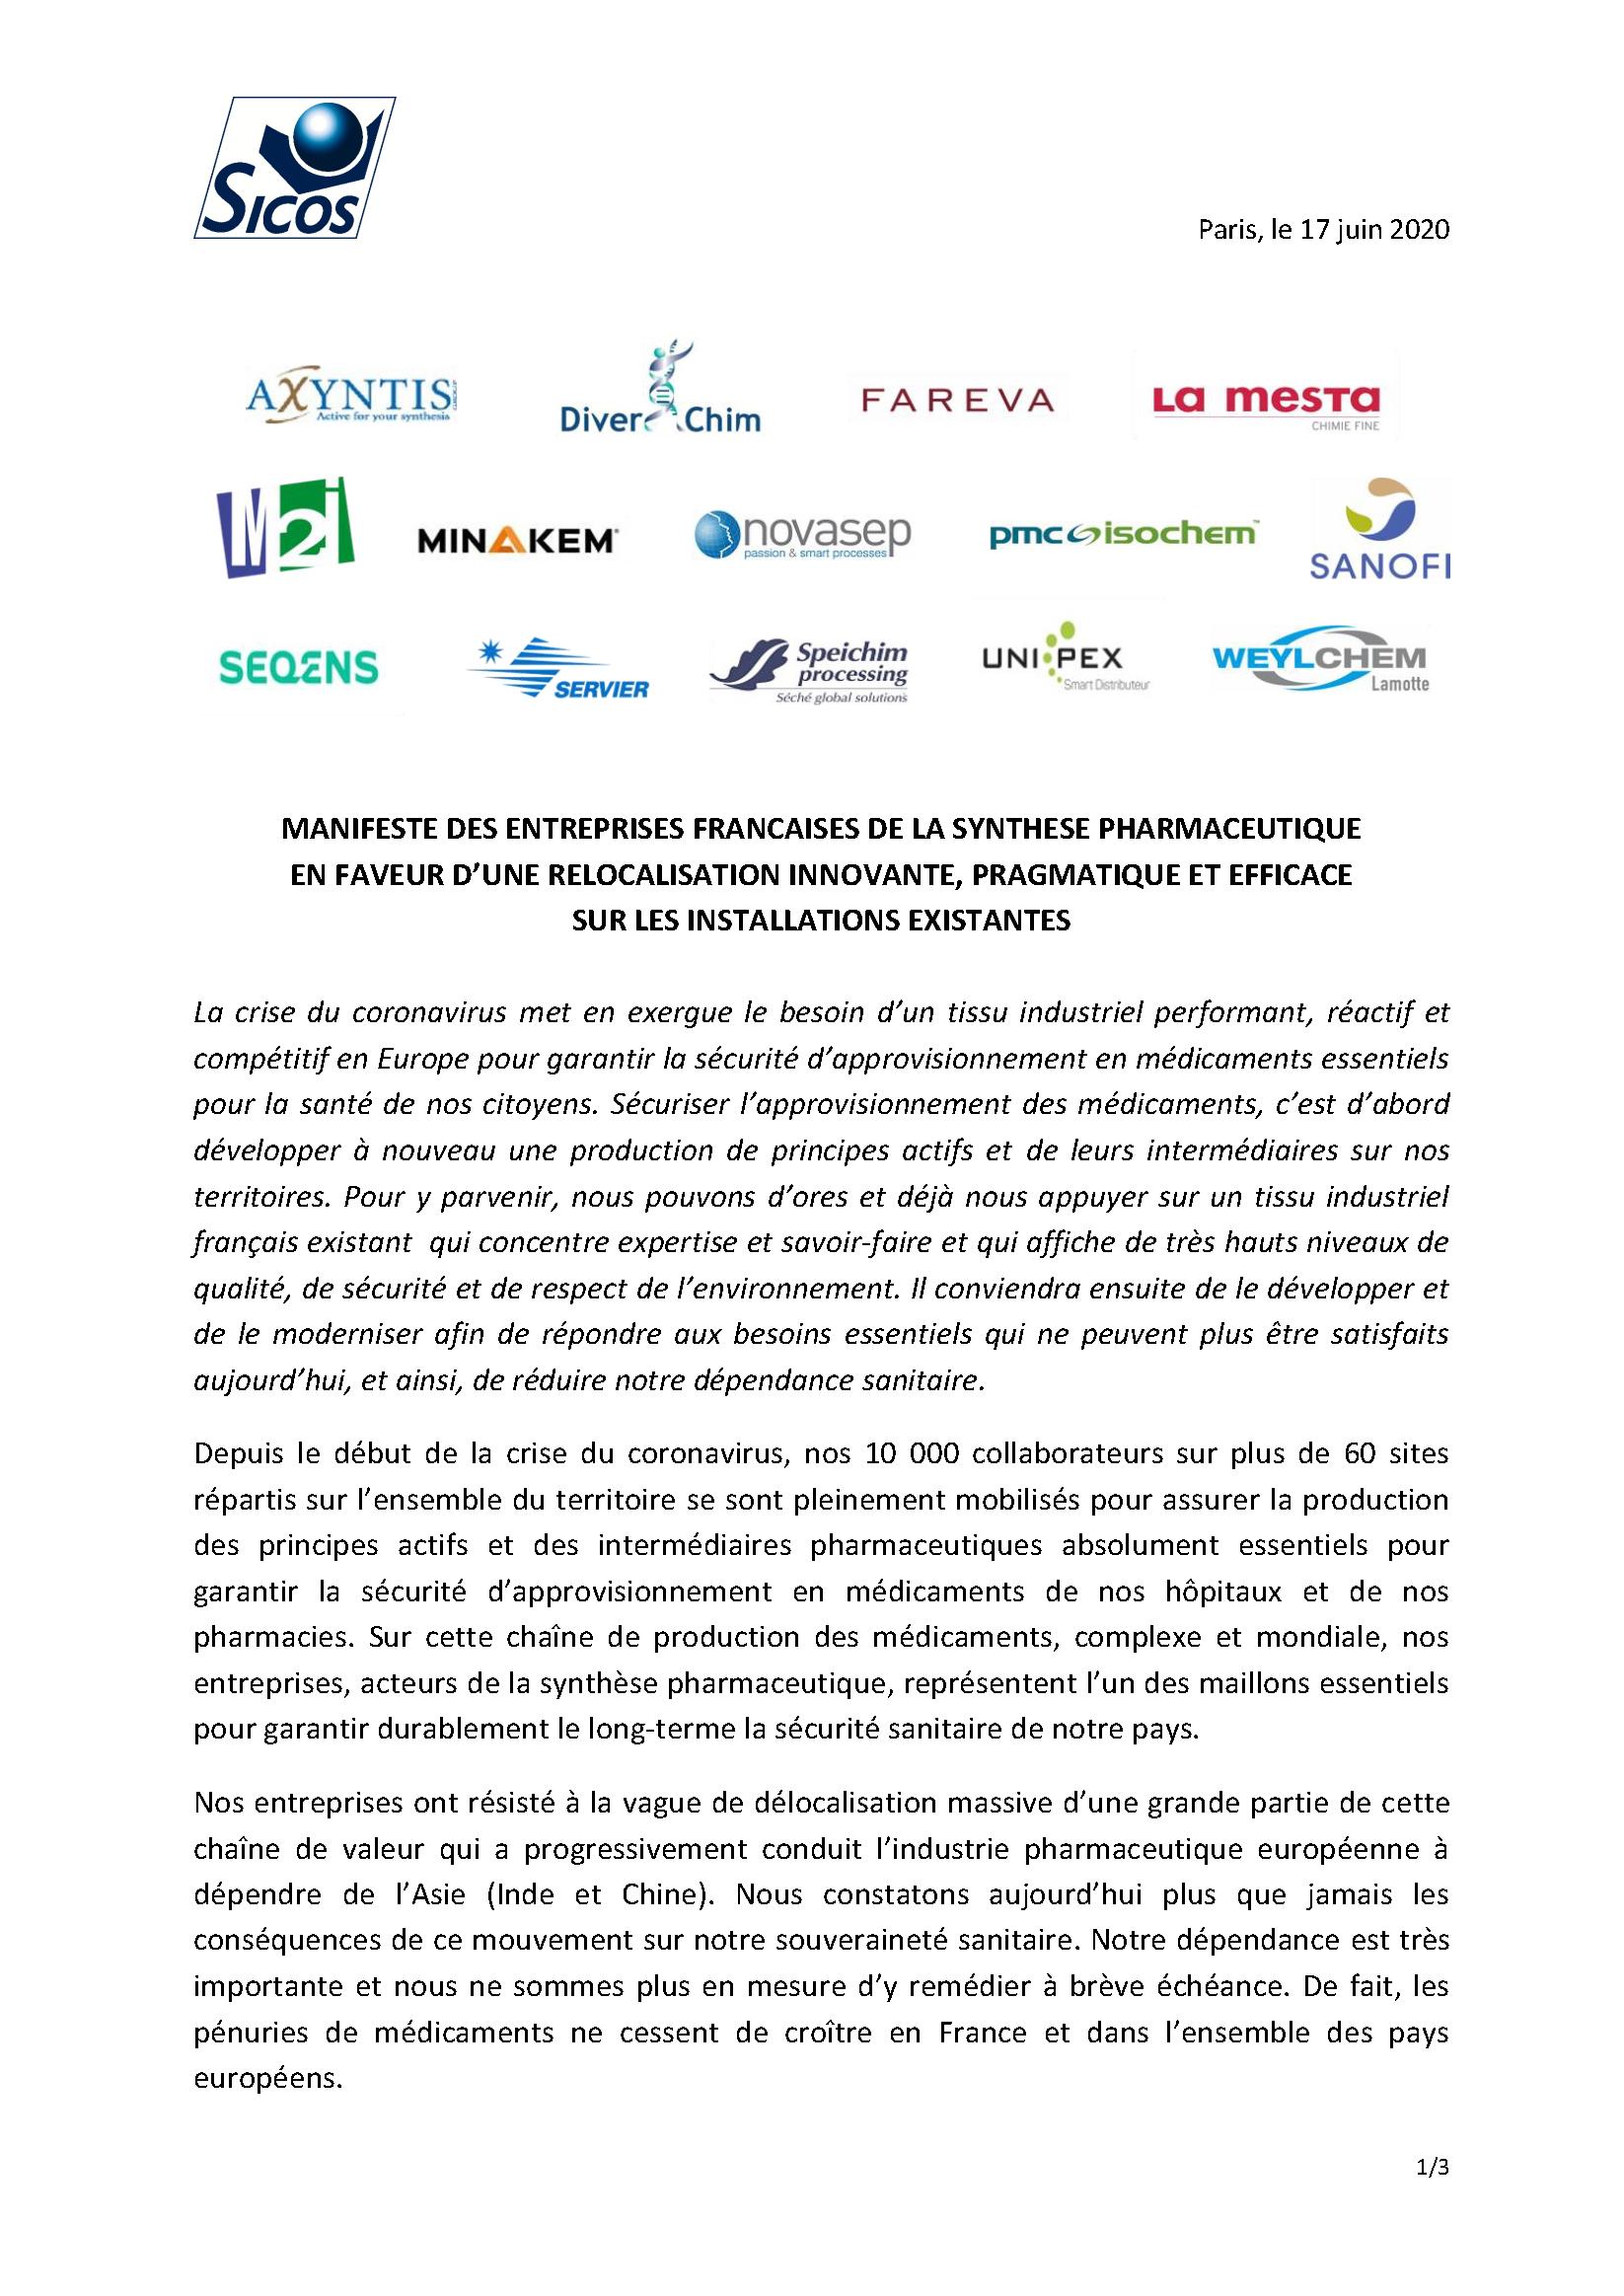 MANIFESTE DES ENTREPRISES FRANCAISES DE LA SYNTHESE PHARMACEUTIQUE_Page 1